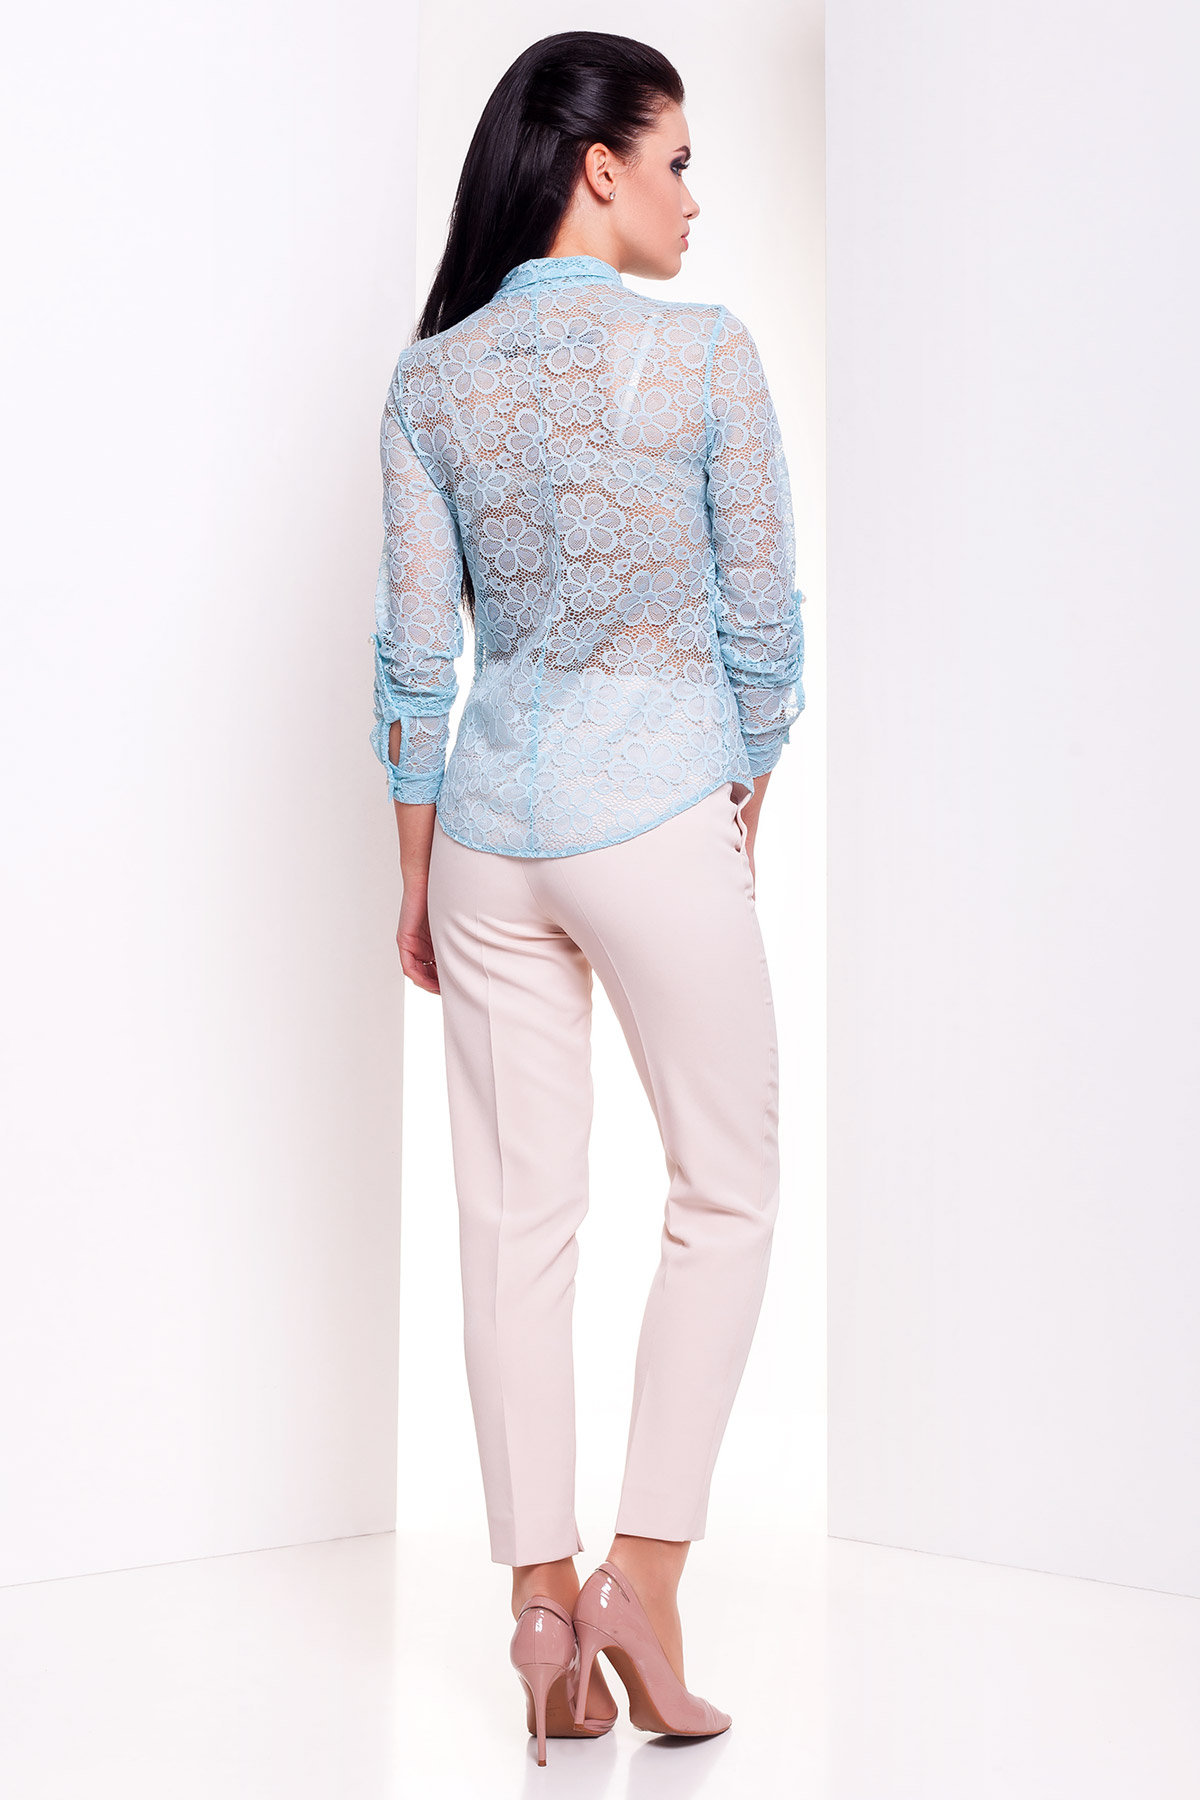 Блуза Асти 2893 АРТ. 15170 Цвет: Мята  - фото 3, интернет магазин tm-modus.ru